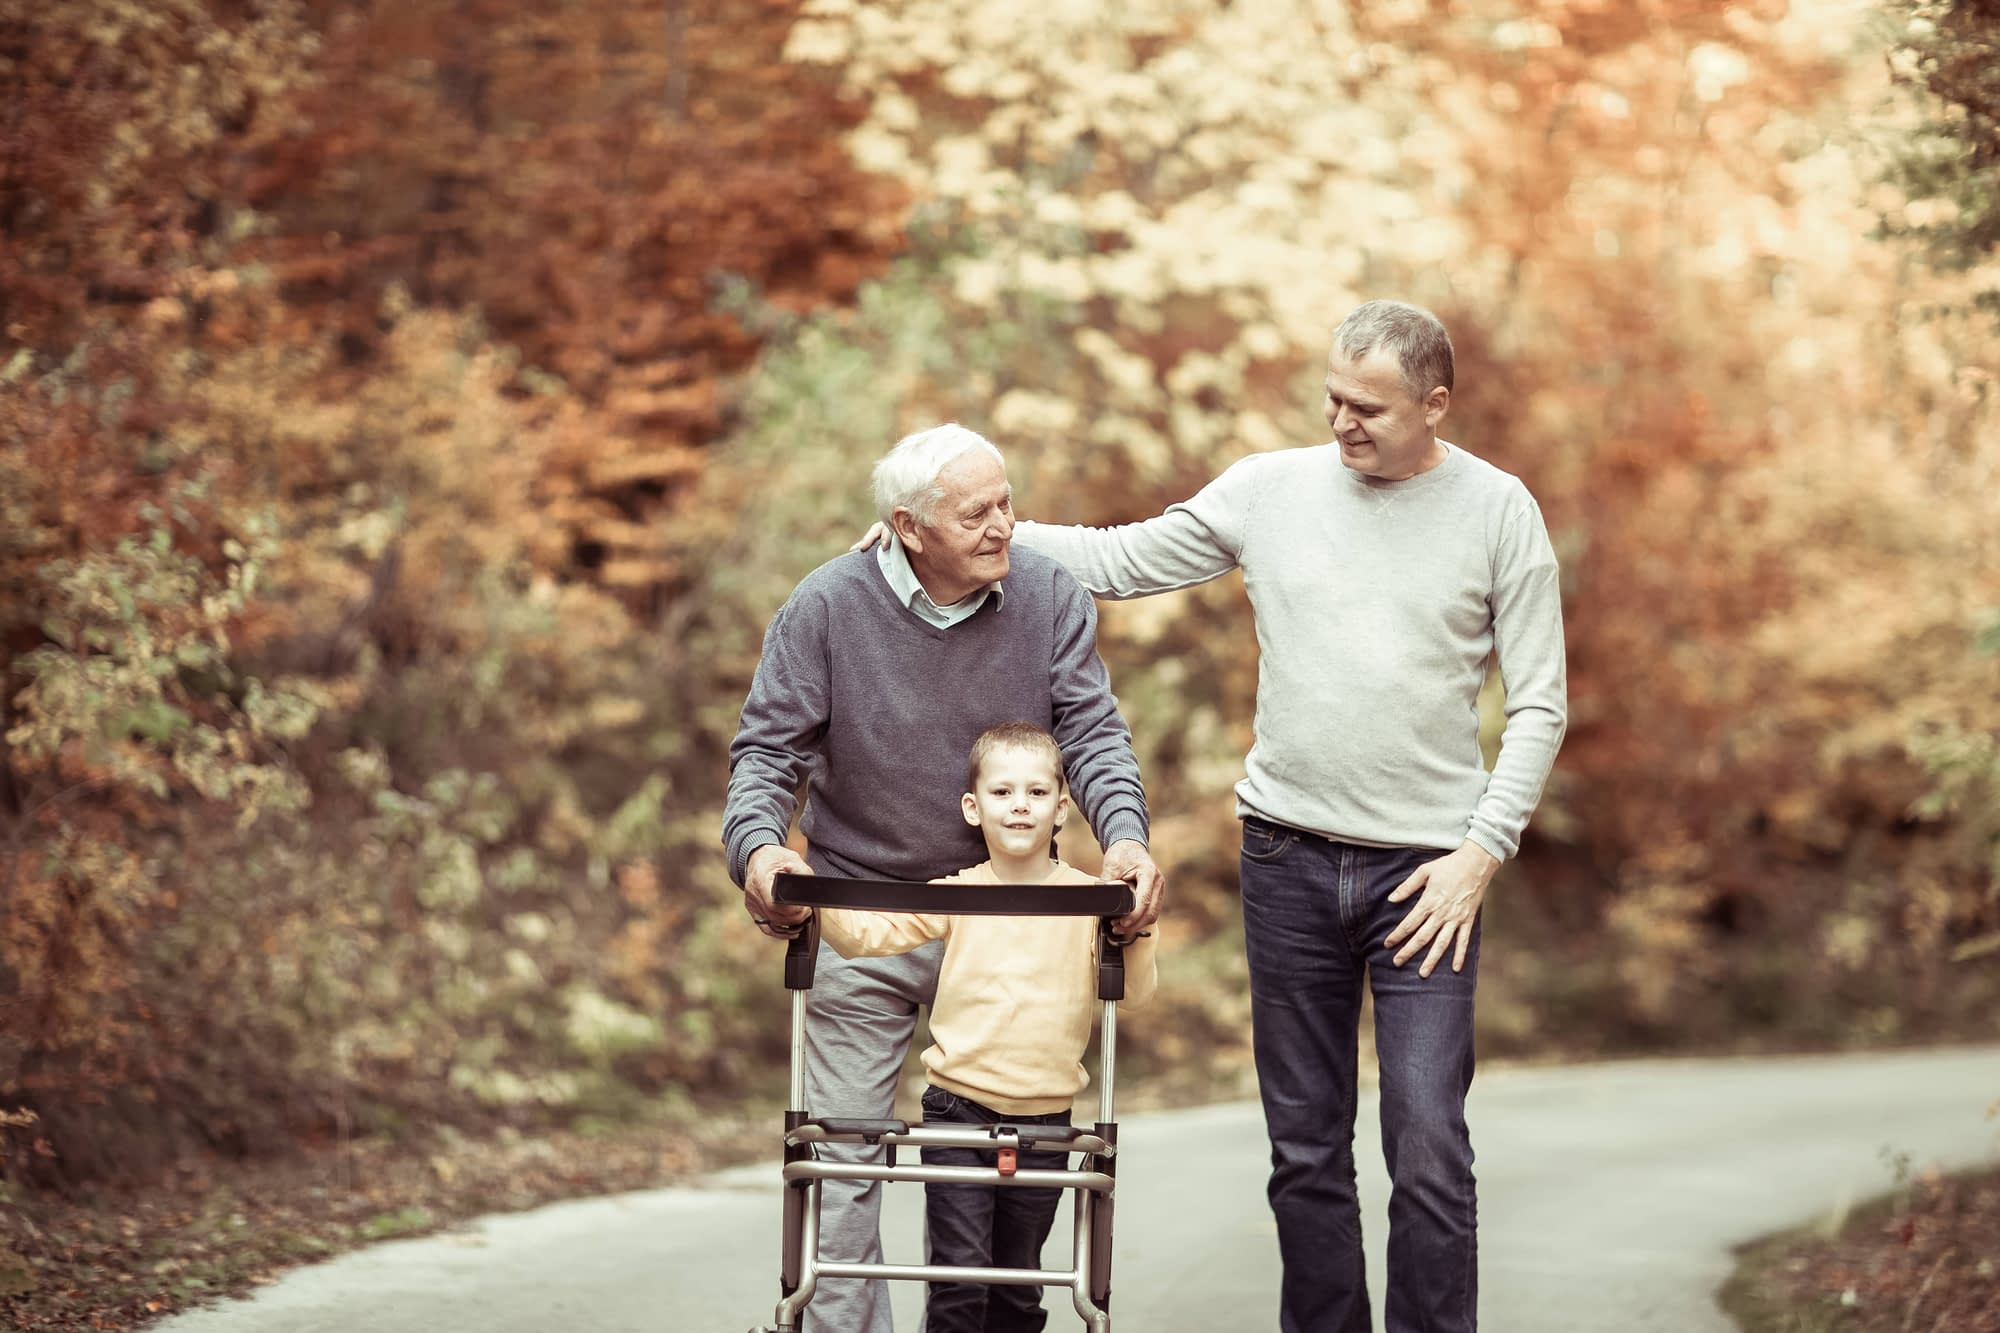 Senior care legal documents